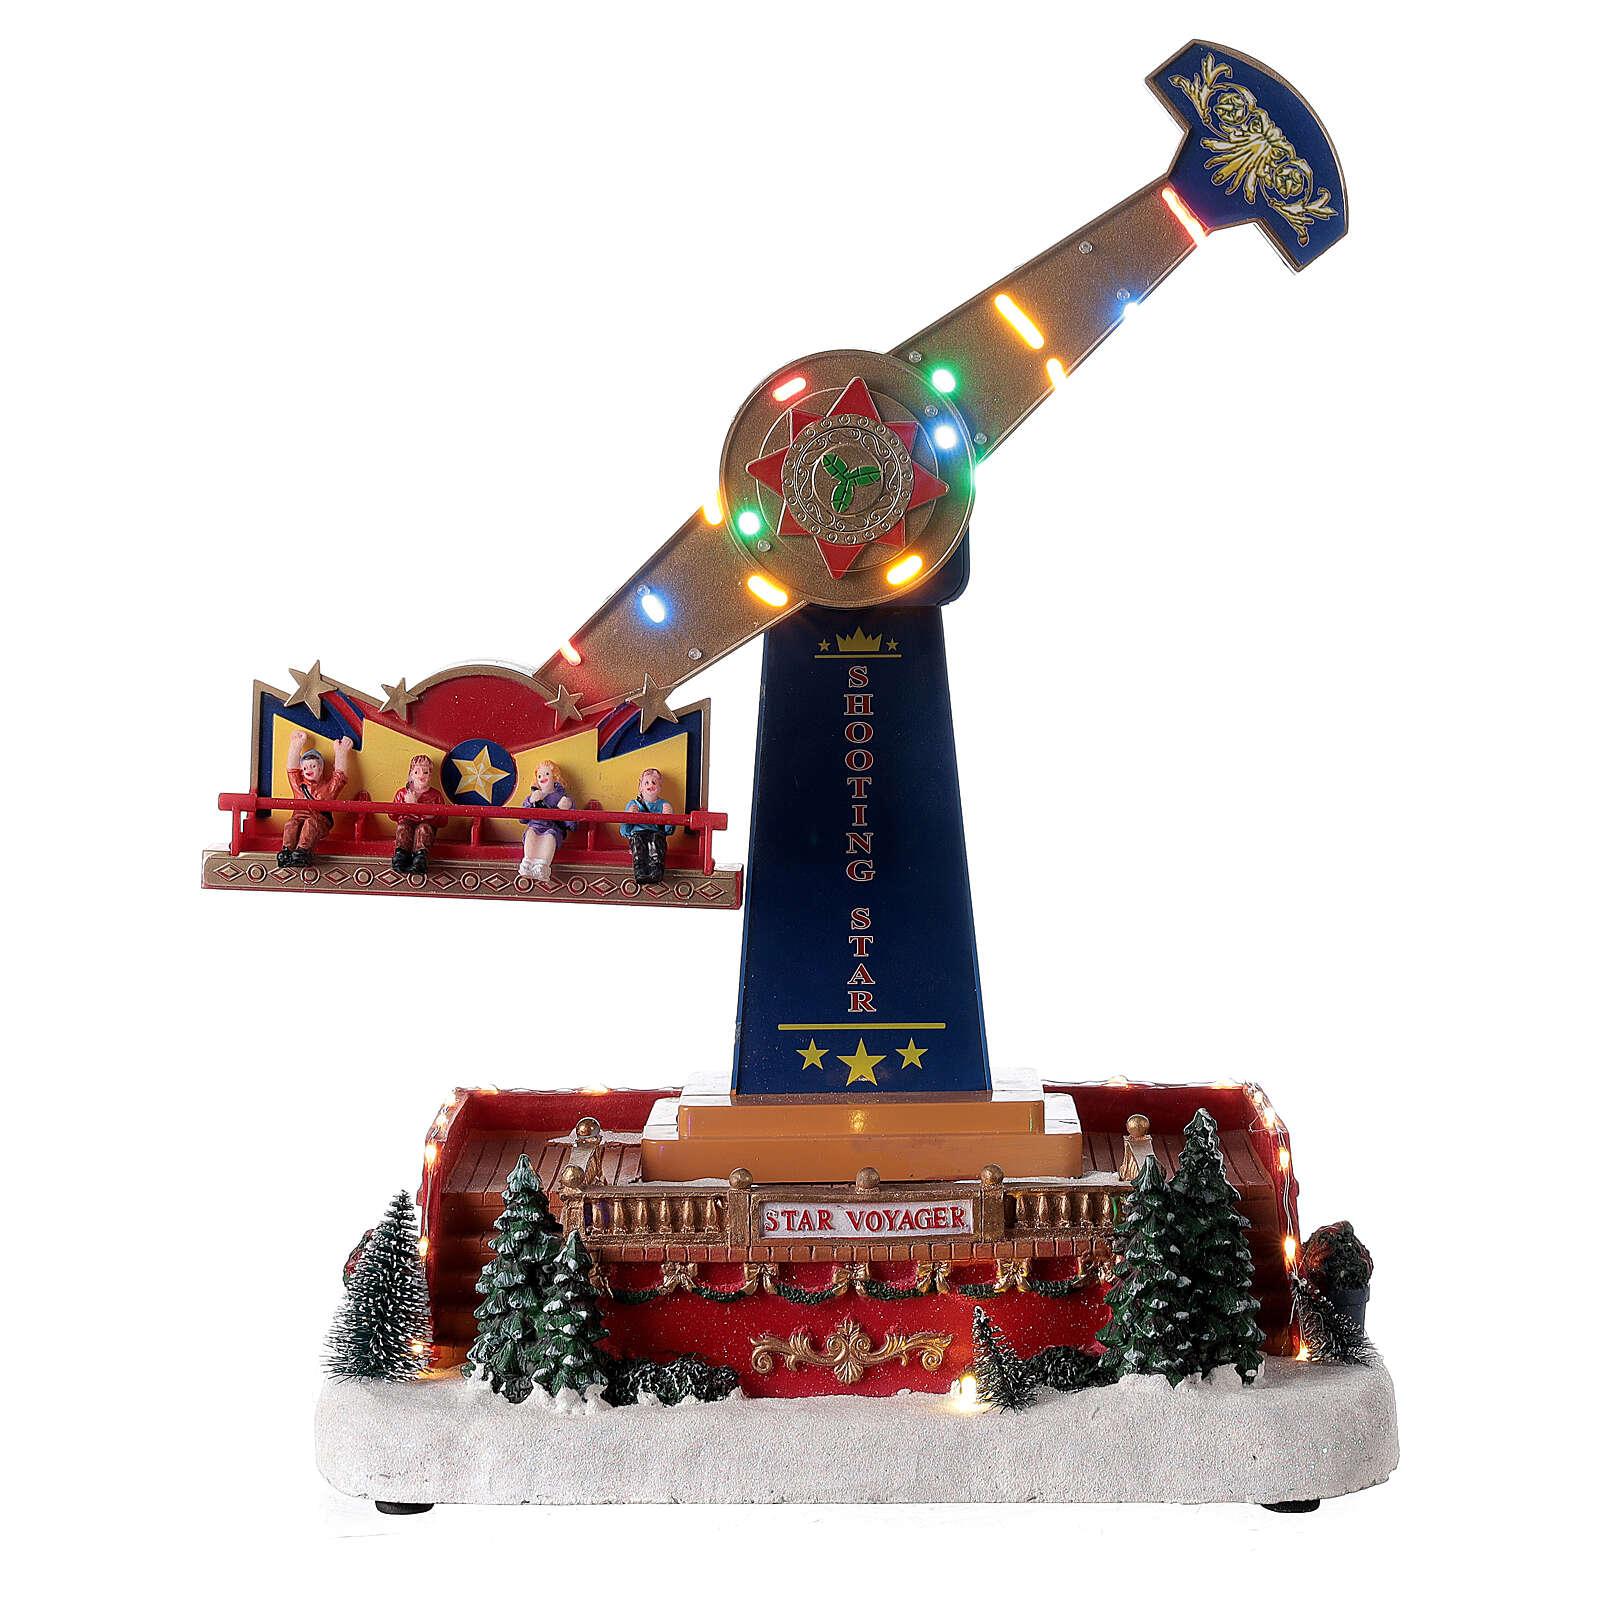 Manège Noël balancier lumières LED musique 40x30x20 cm 3